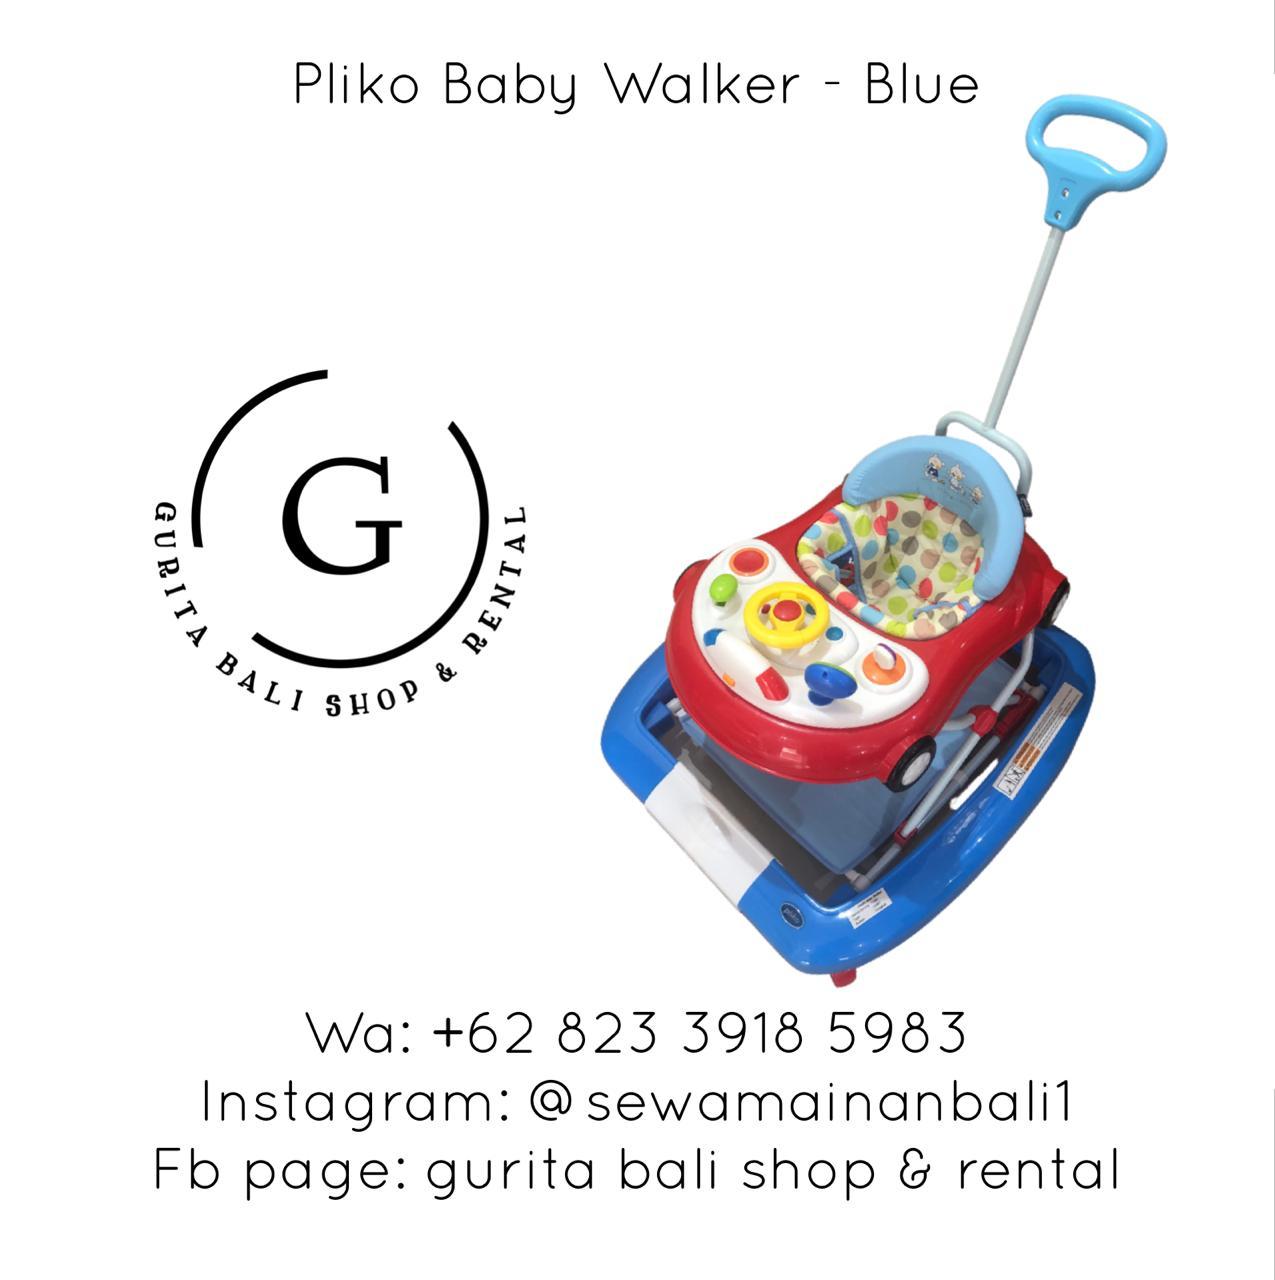 PLIKO BABY WALKER BLUE